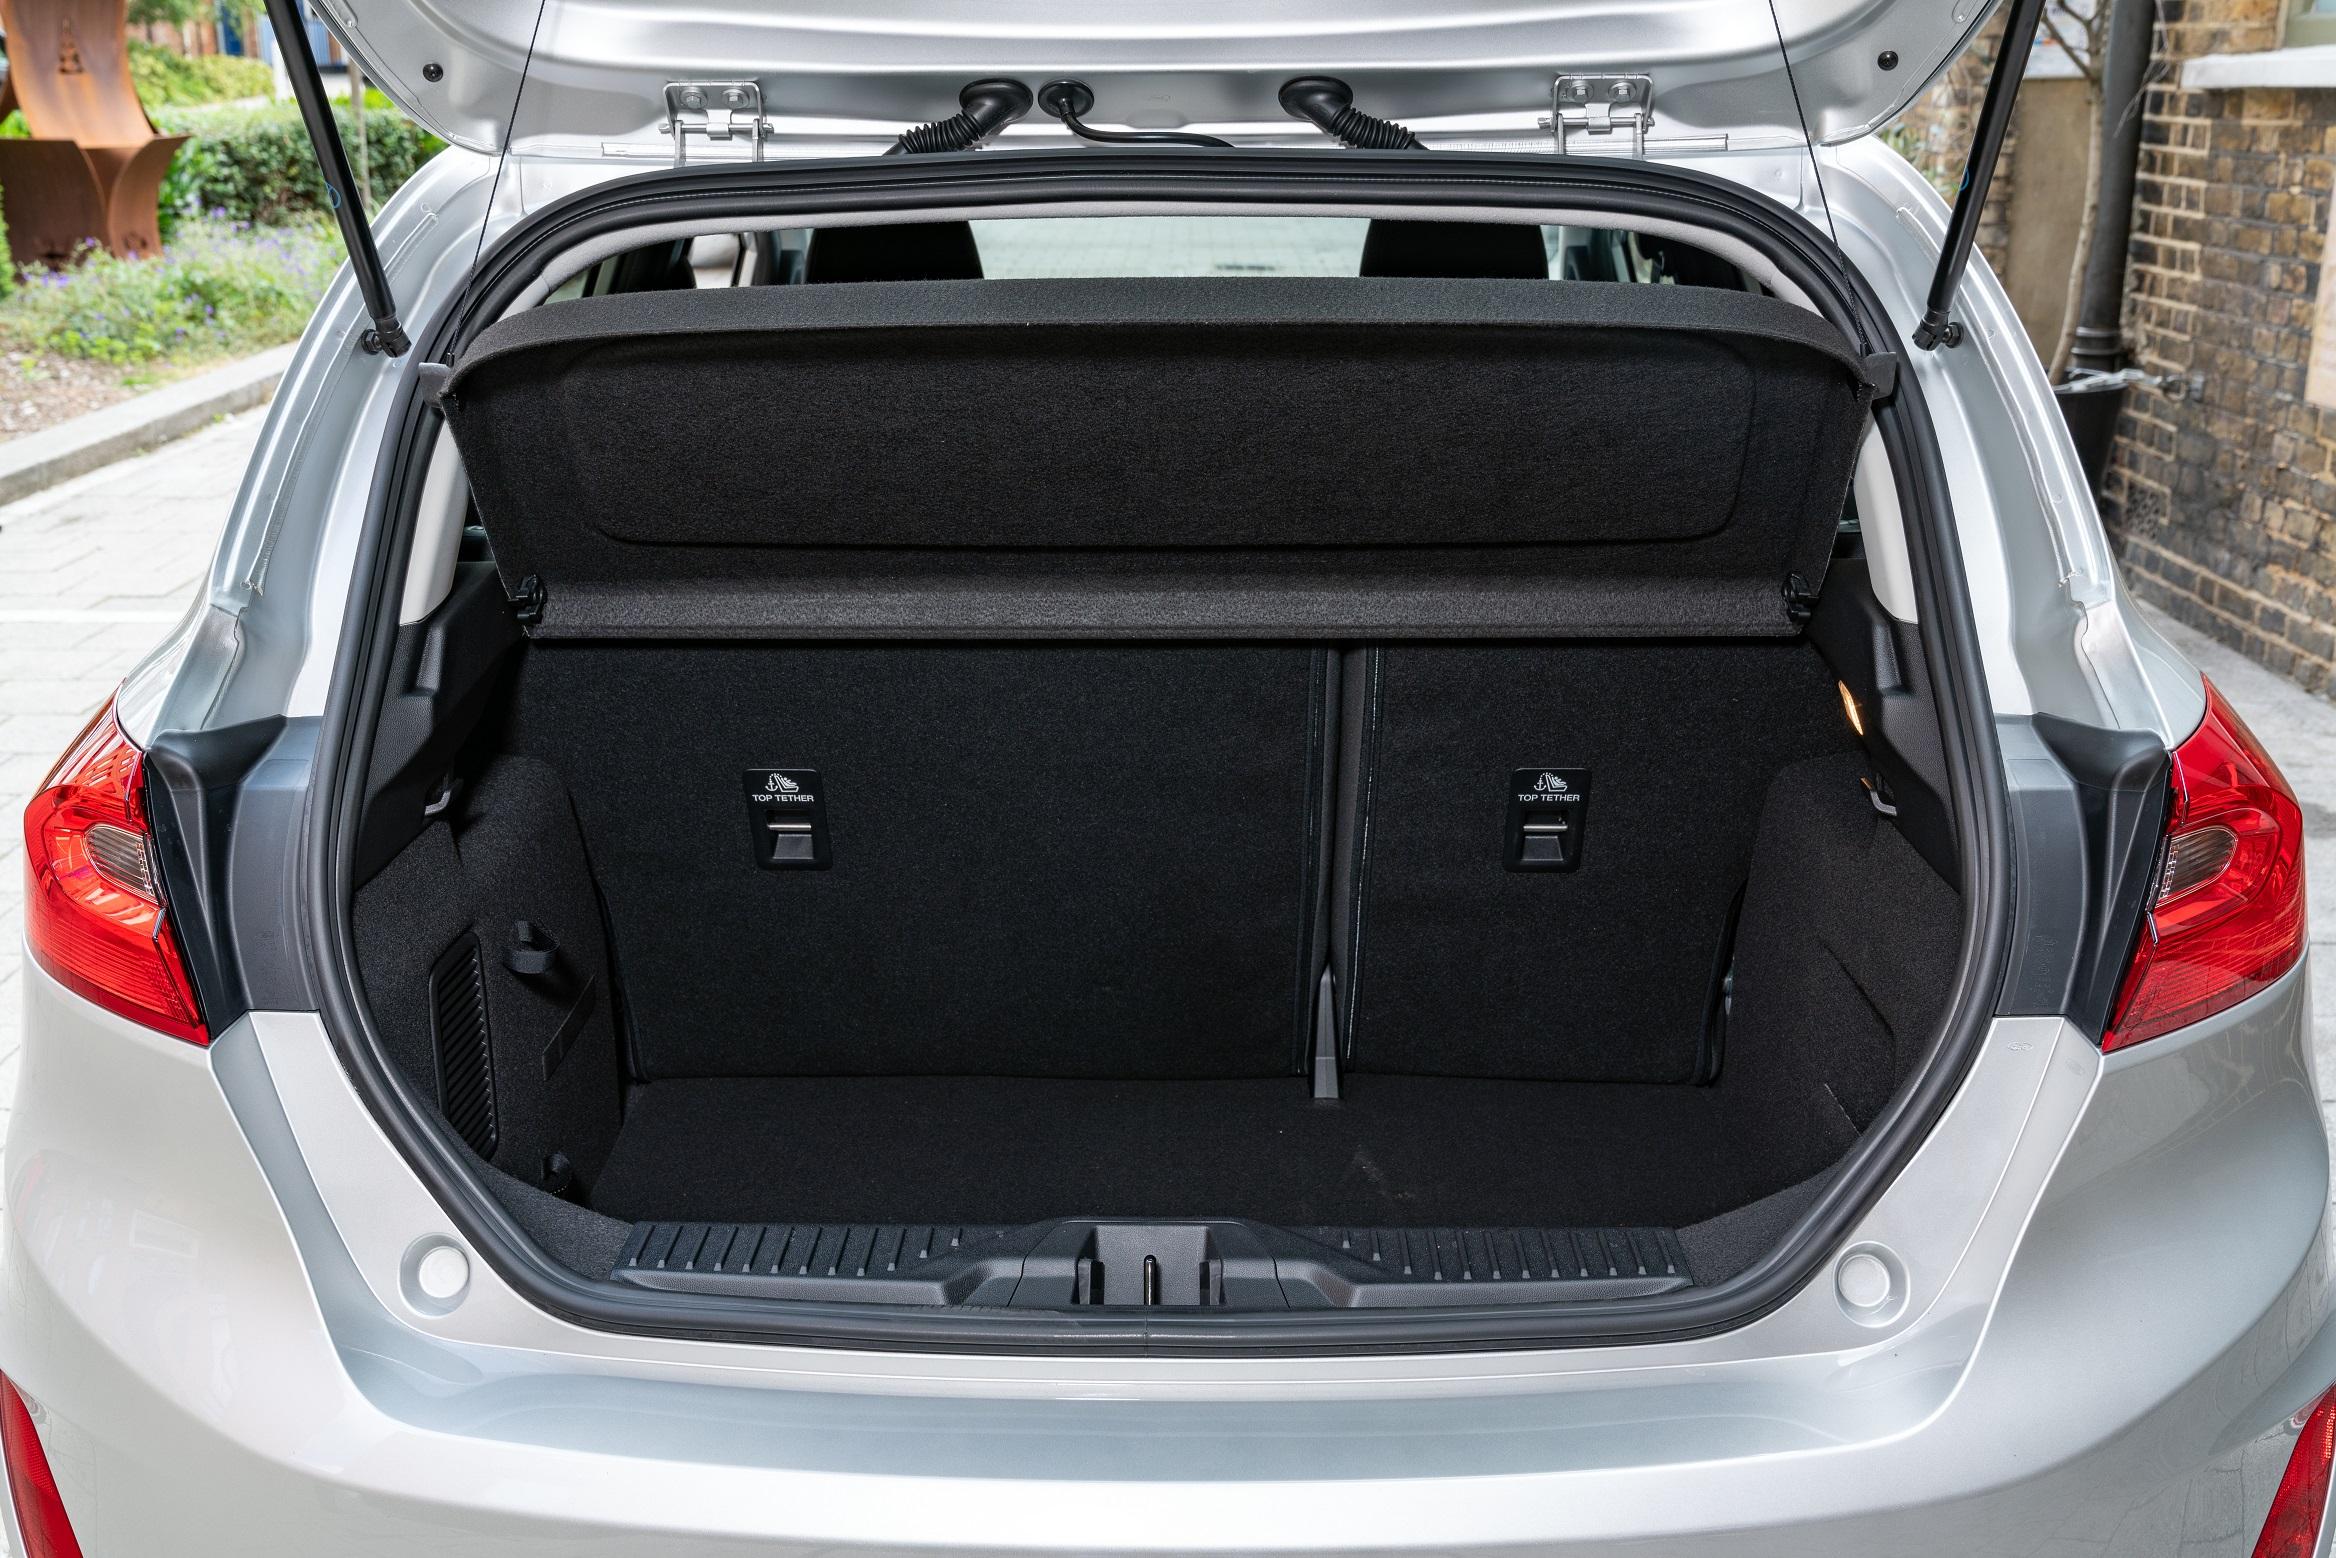 Fiesta Trend boot